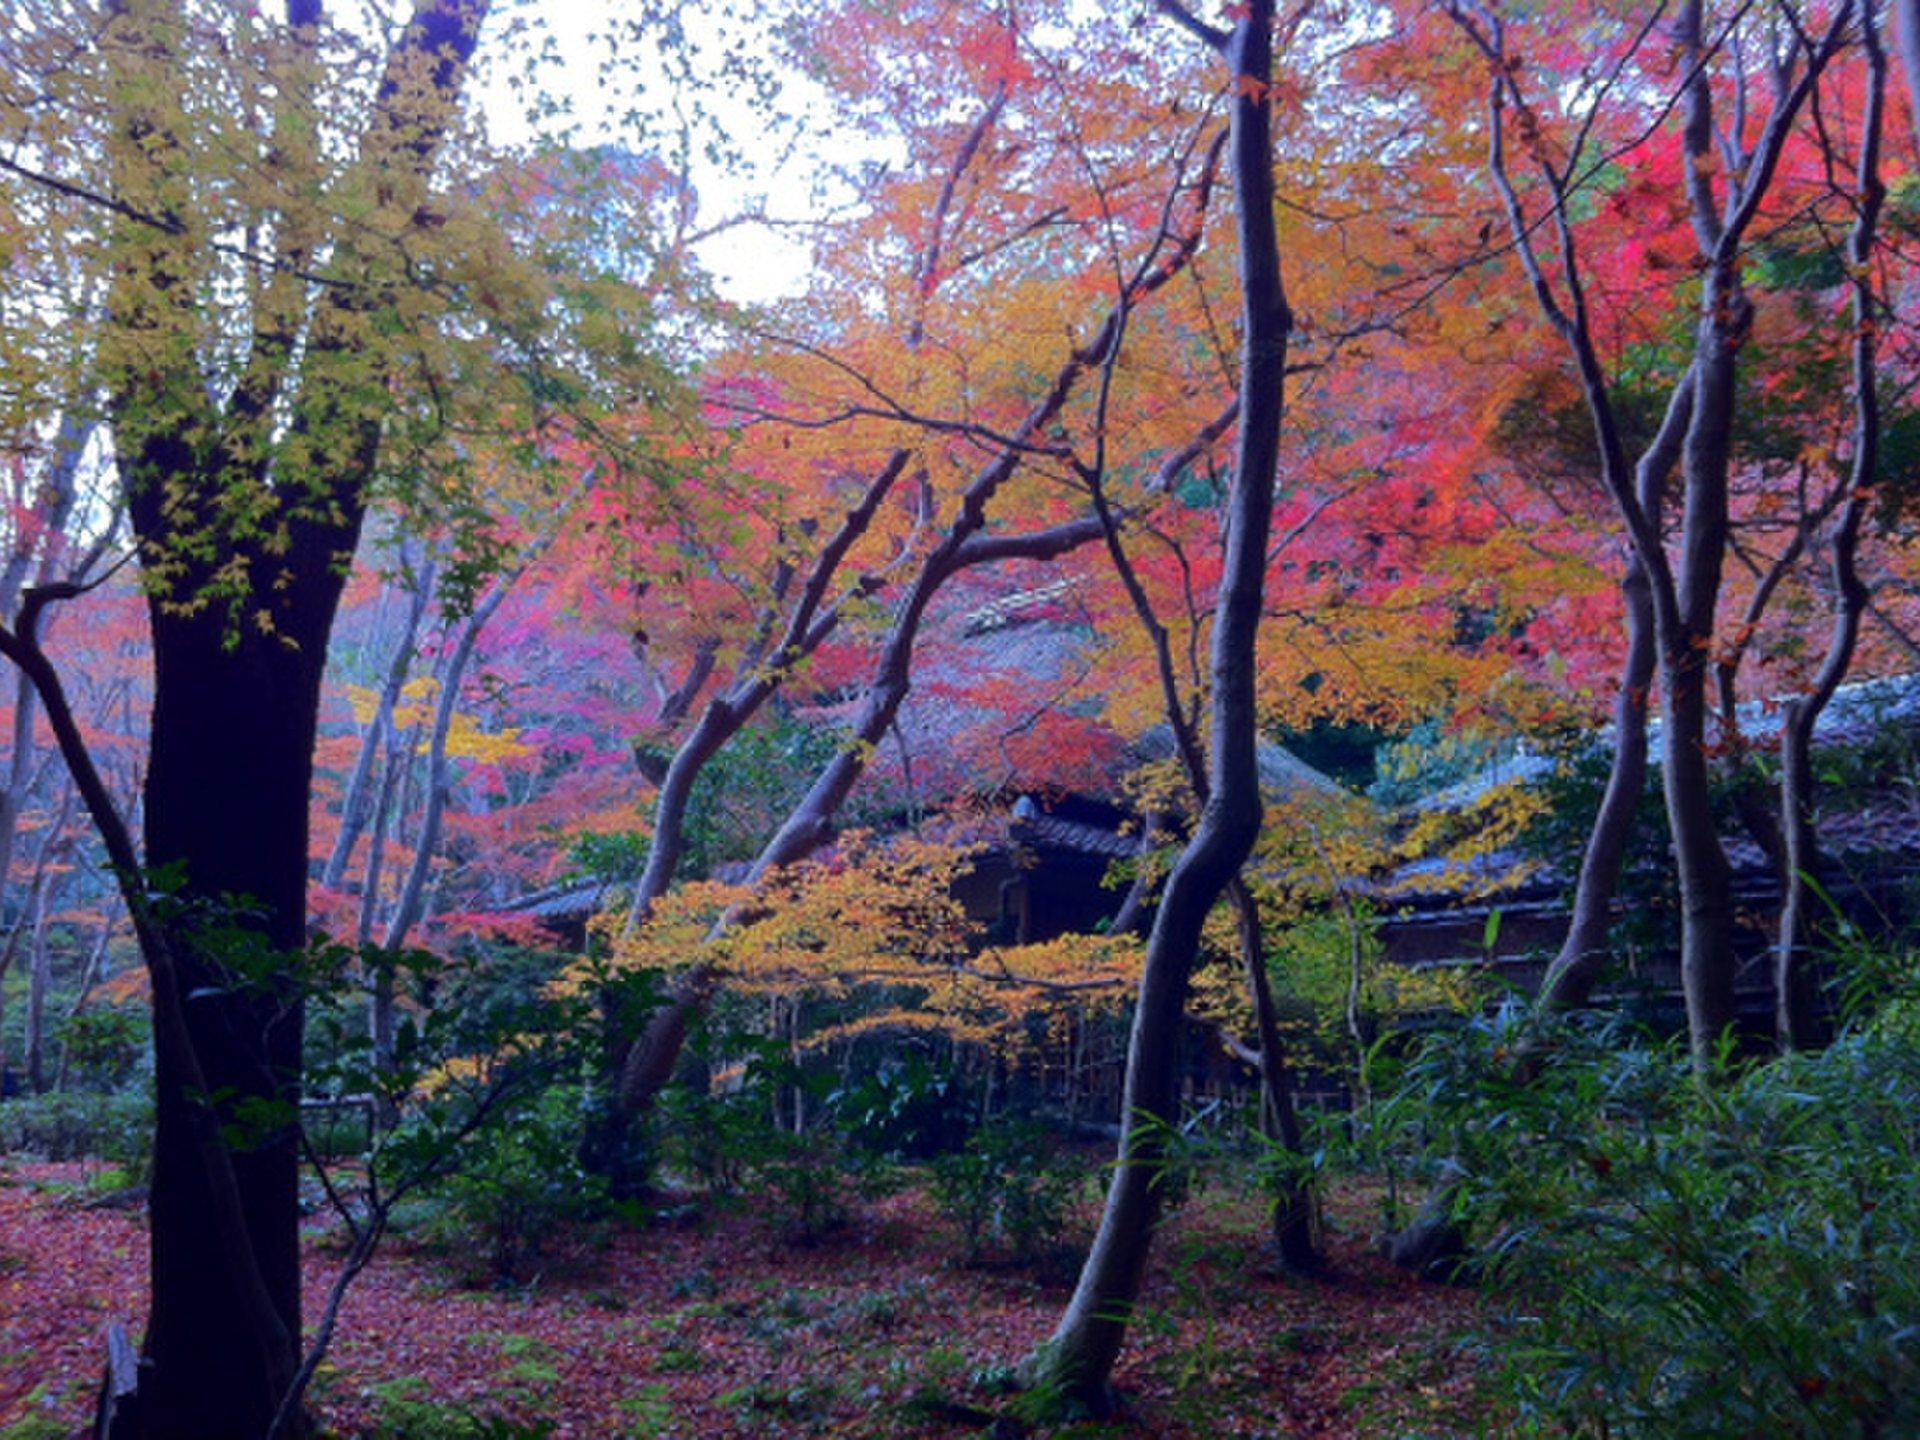 【京都嵐山】絶対行きたい紅葉の名所&名物スイーツ10選 穴場もあるよ!